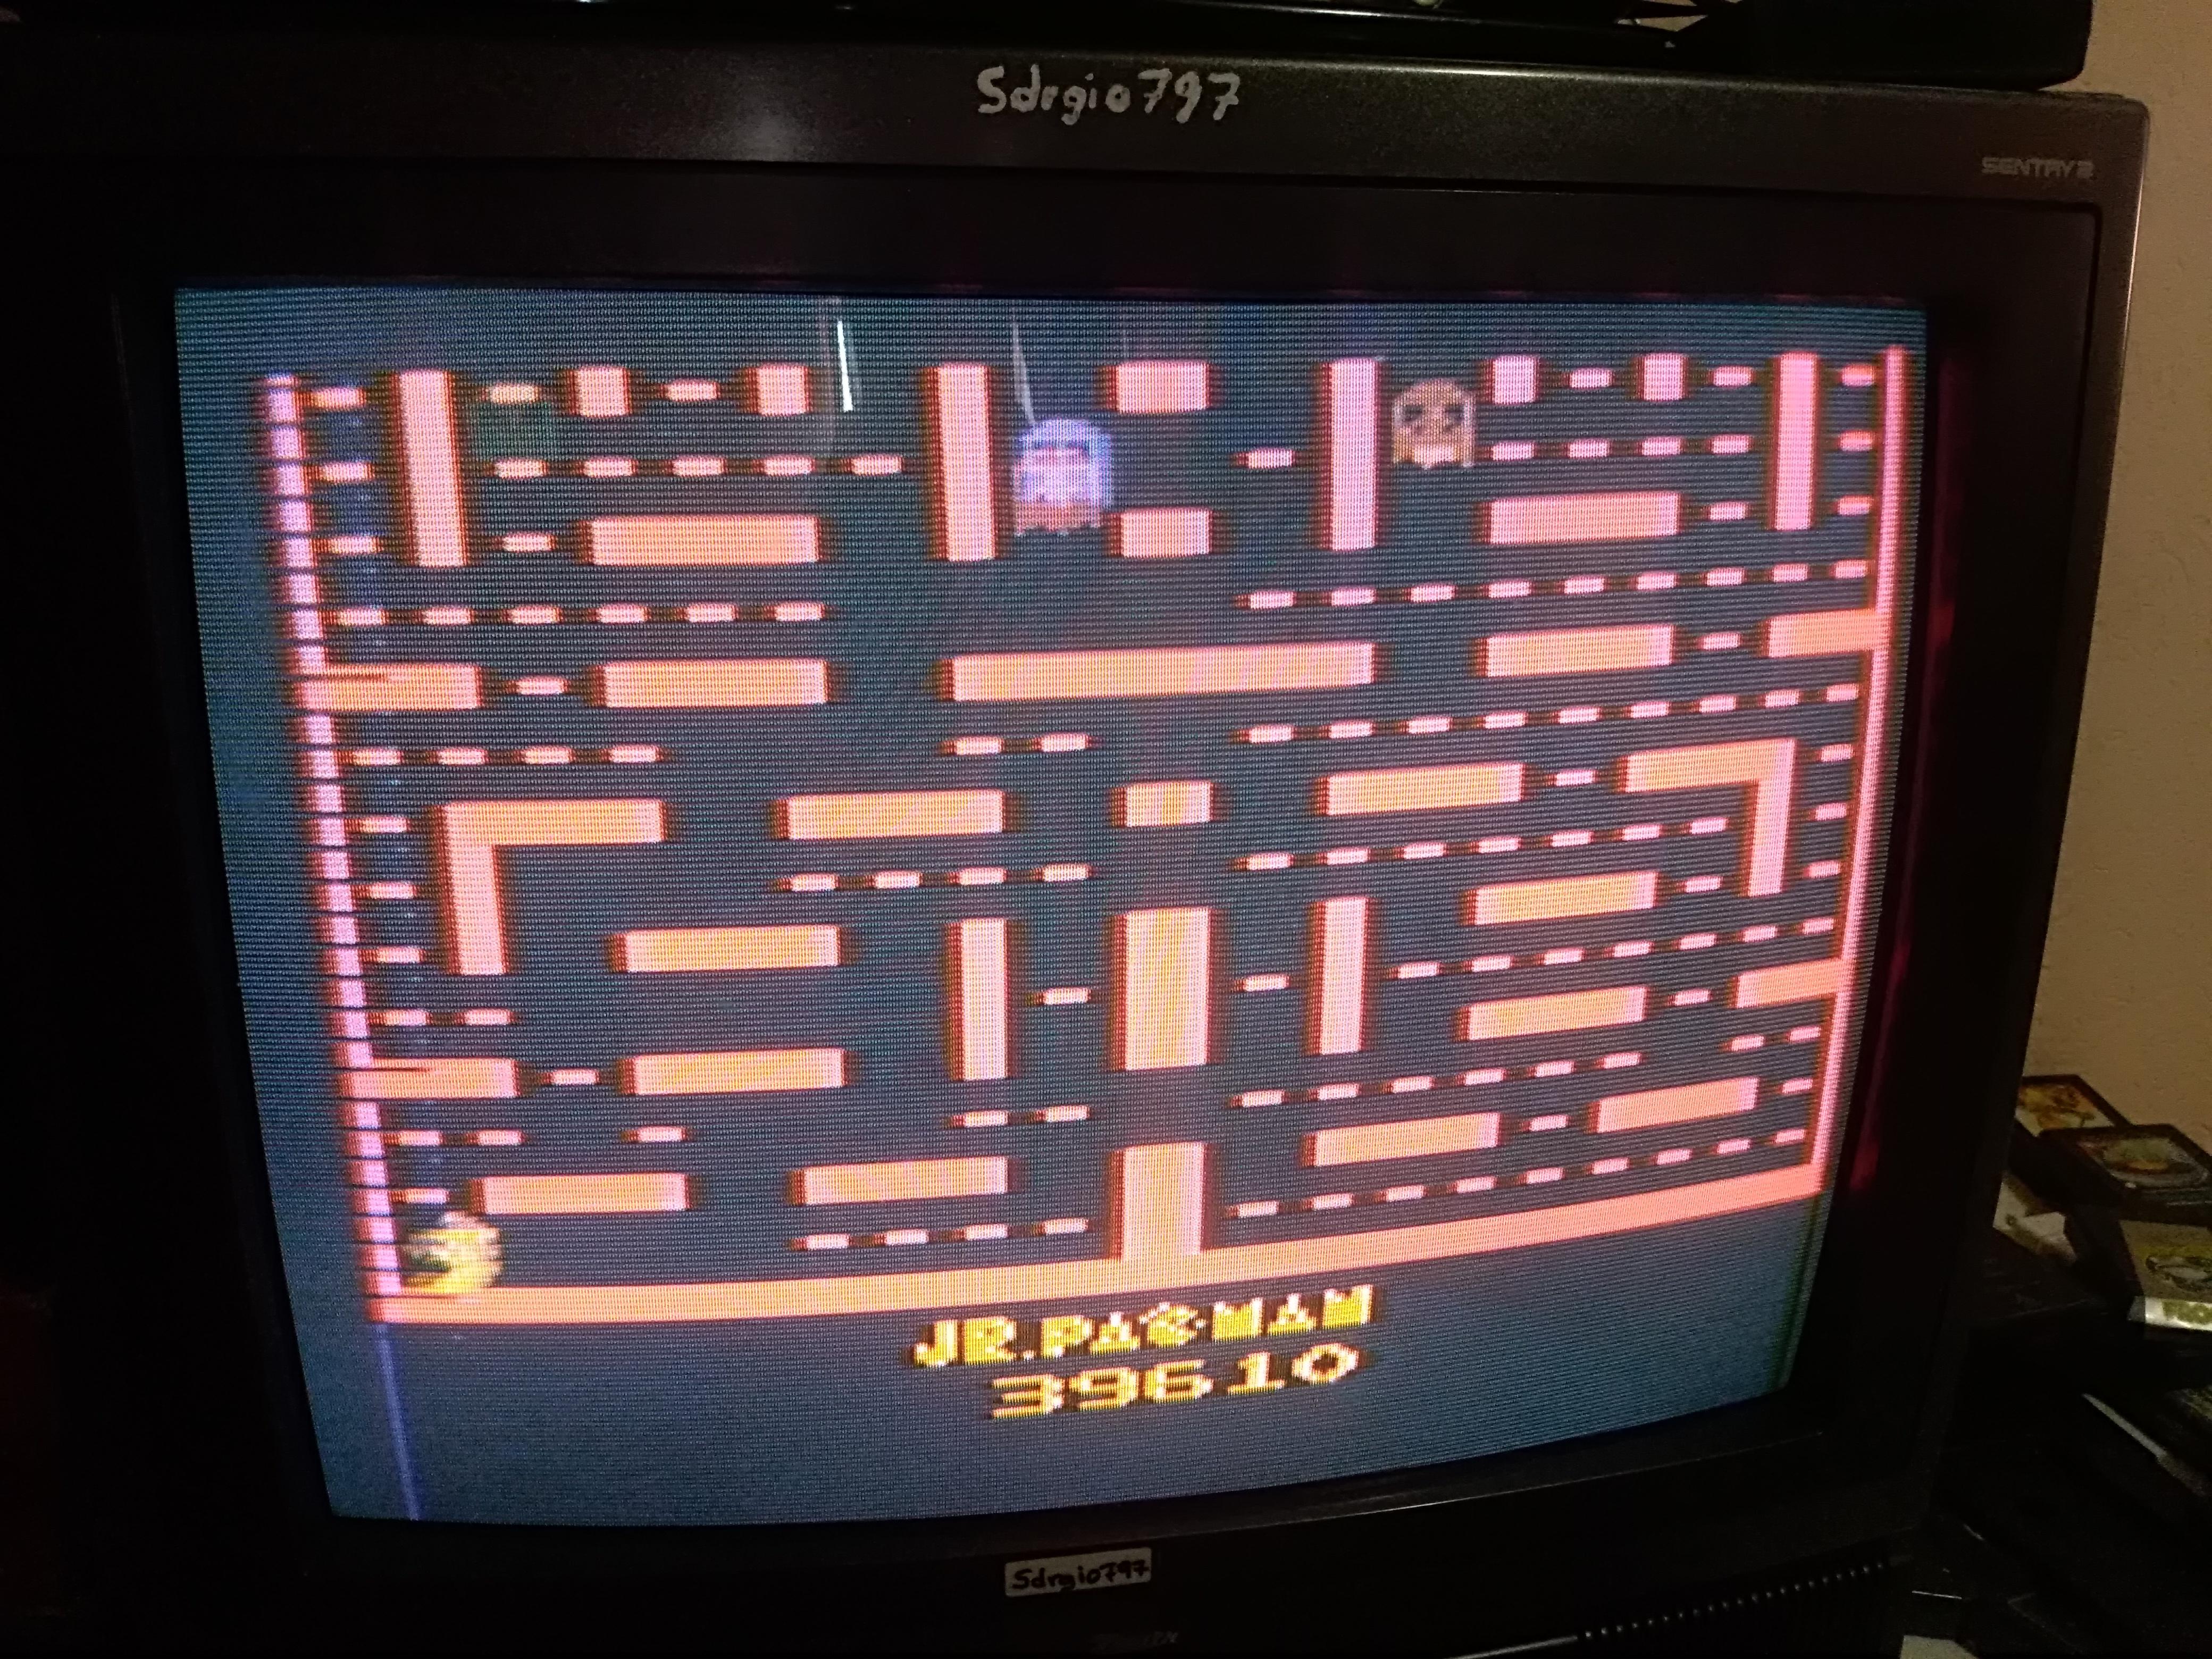 Jr. Pac-Man 39,610 points